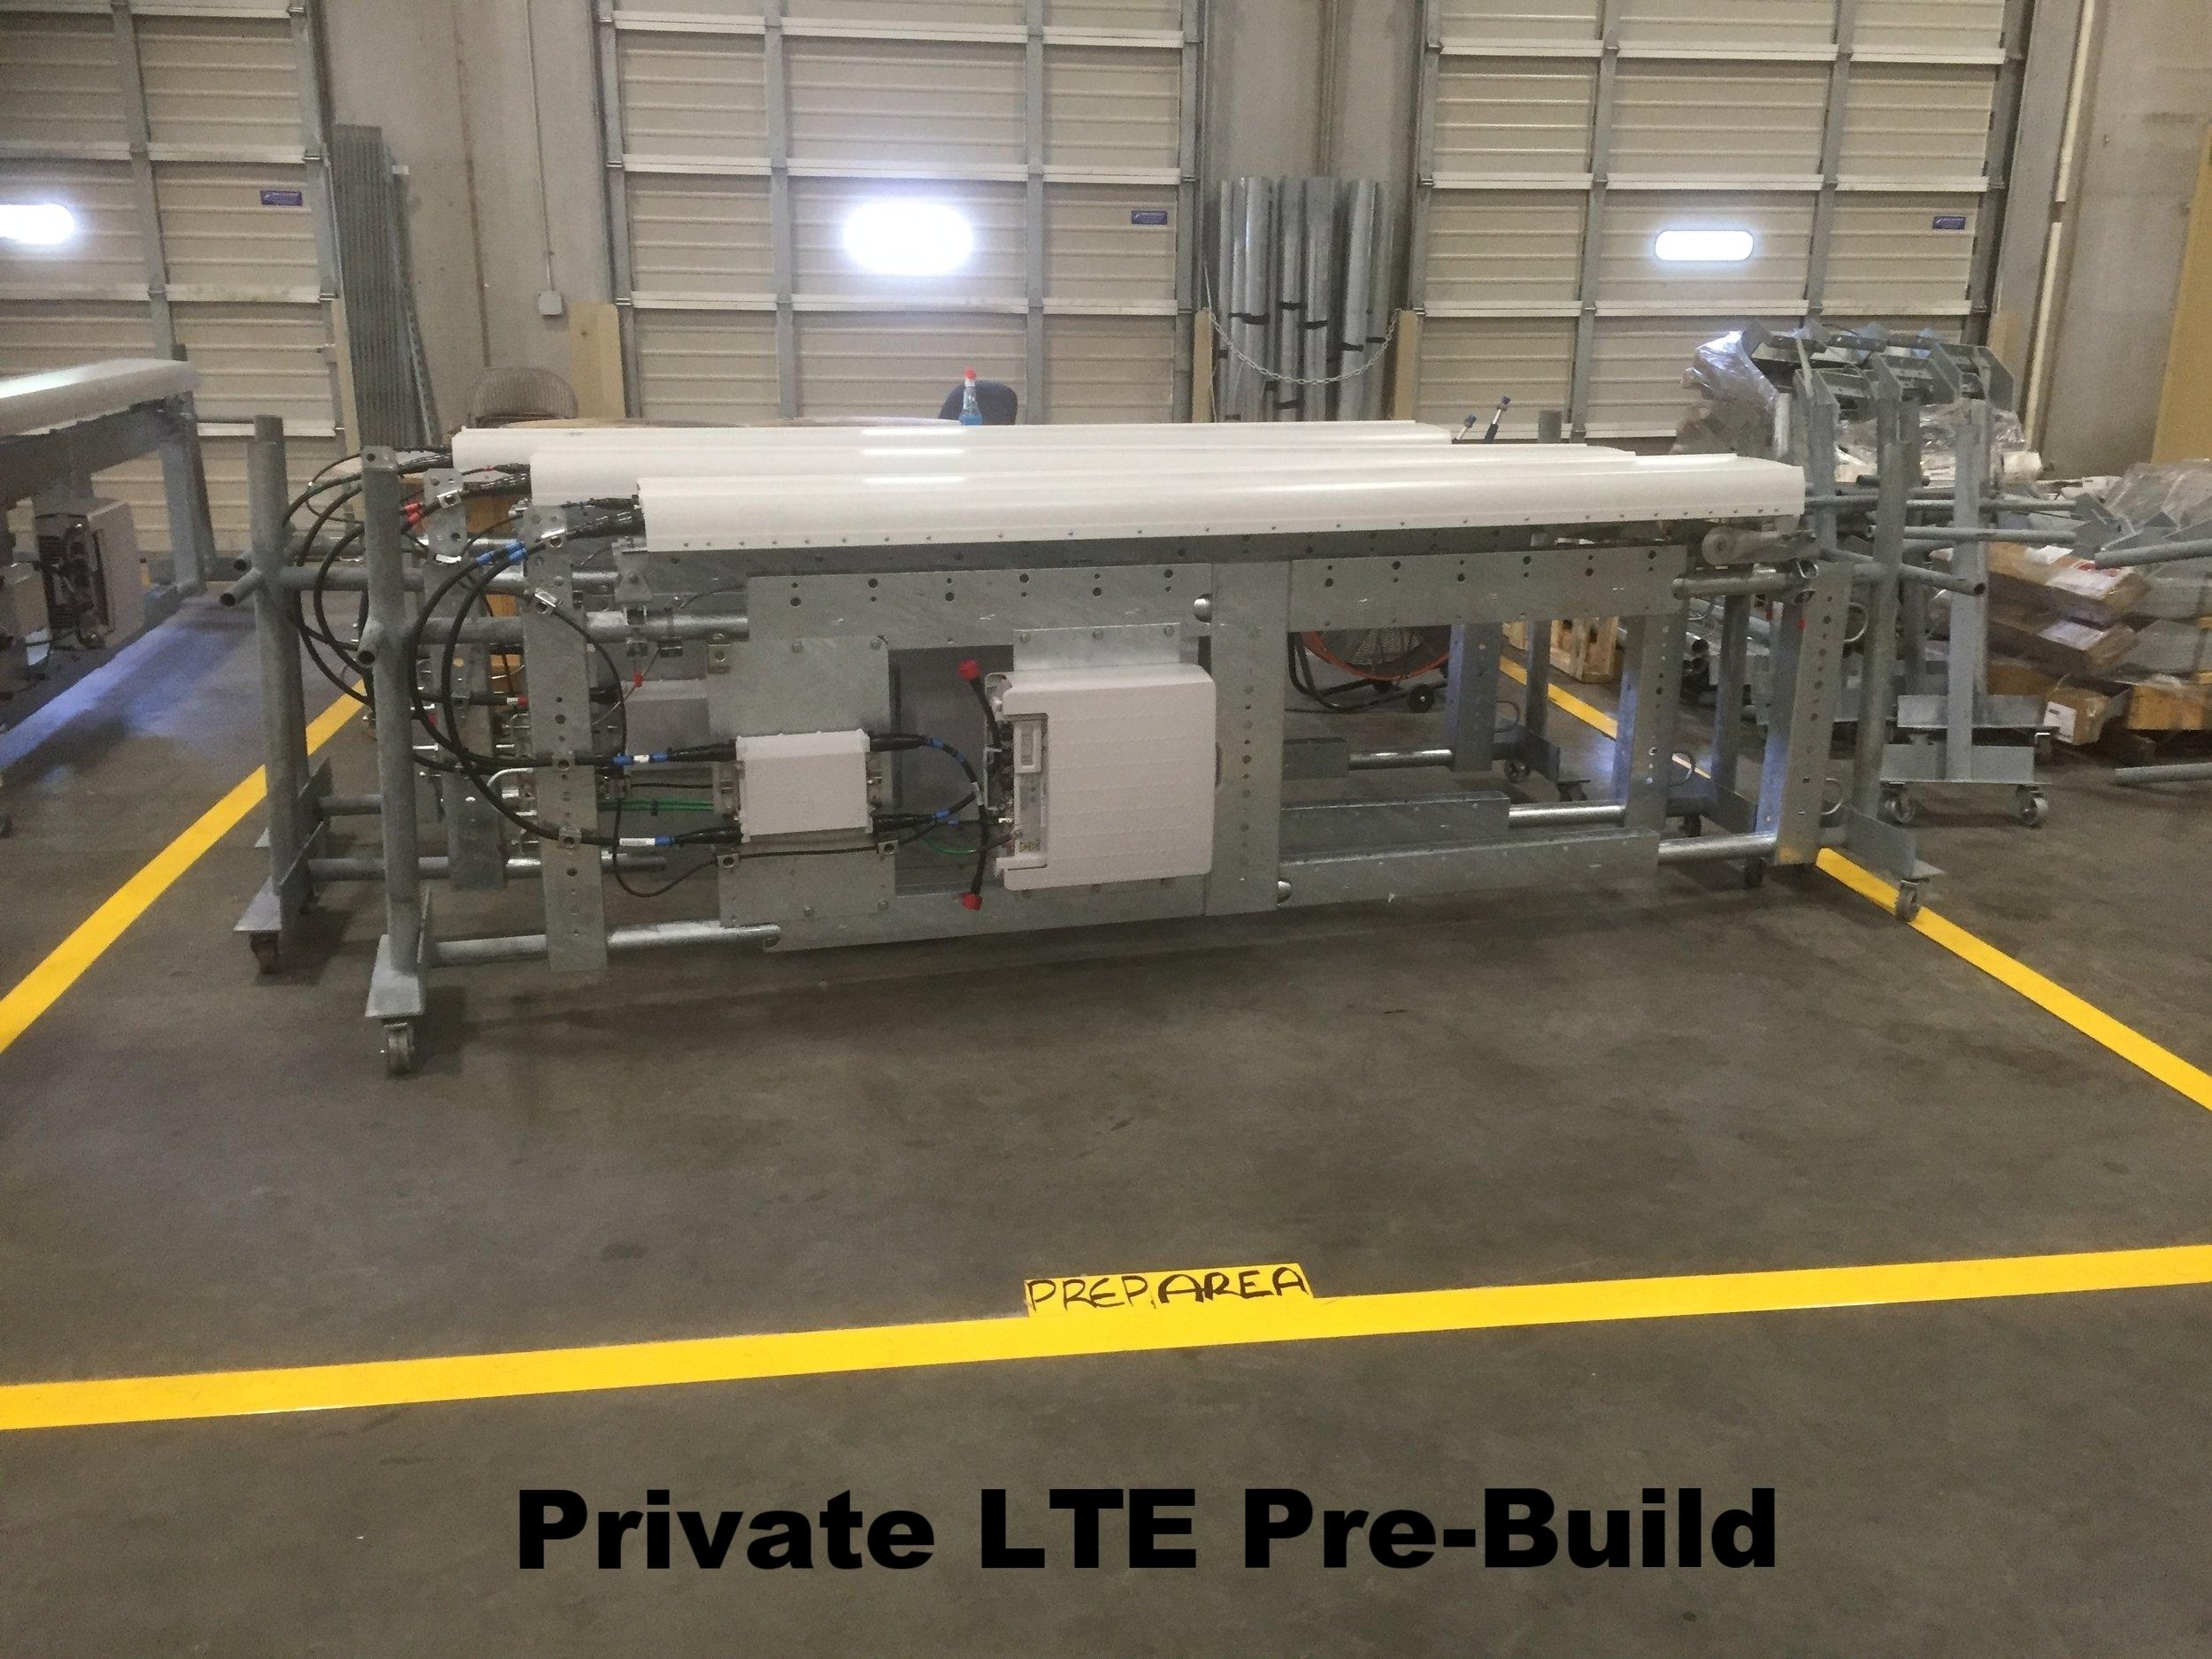 Private LTE Pre-Build